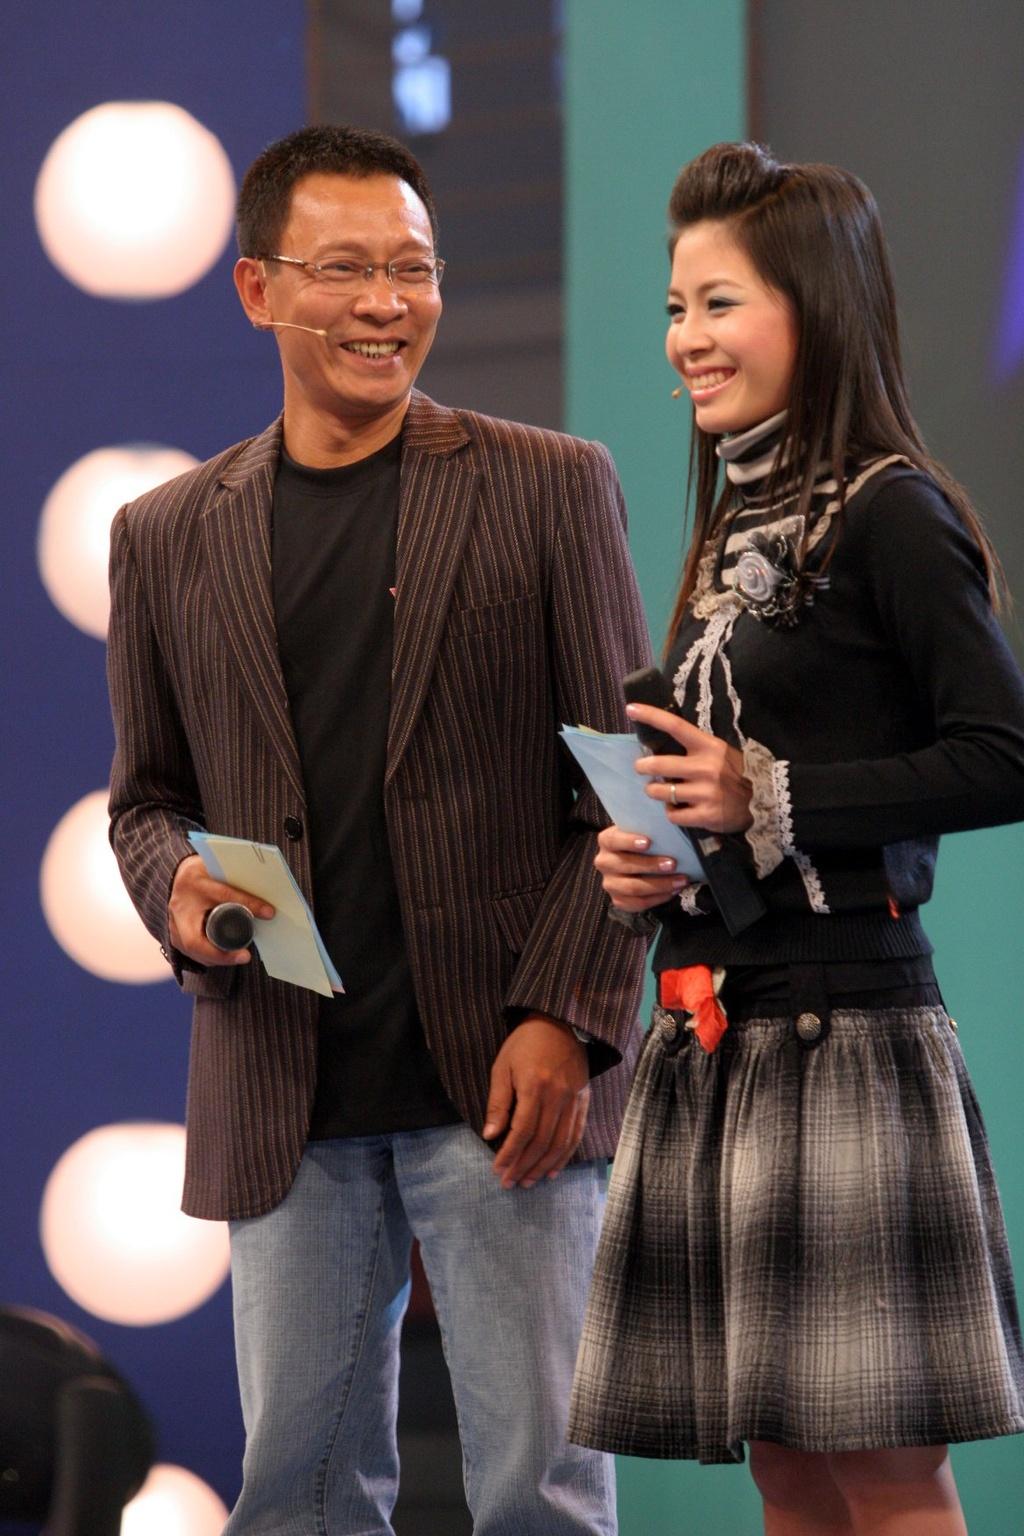 Hinh anh MC Lai Van Sam, Hoang Linh dan Chung toi la chien si tu 2006 hinh anh 4 null